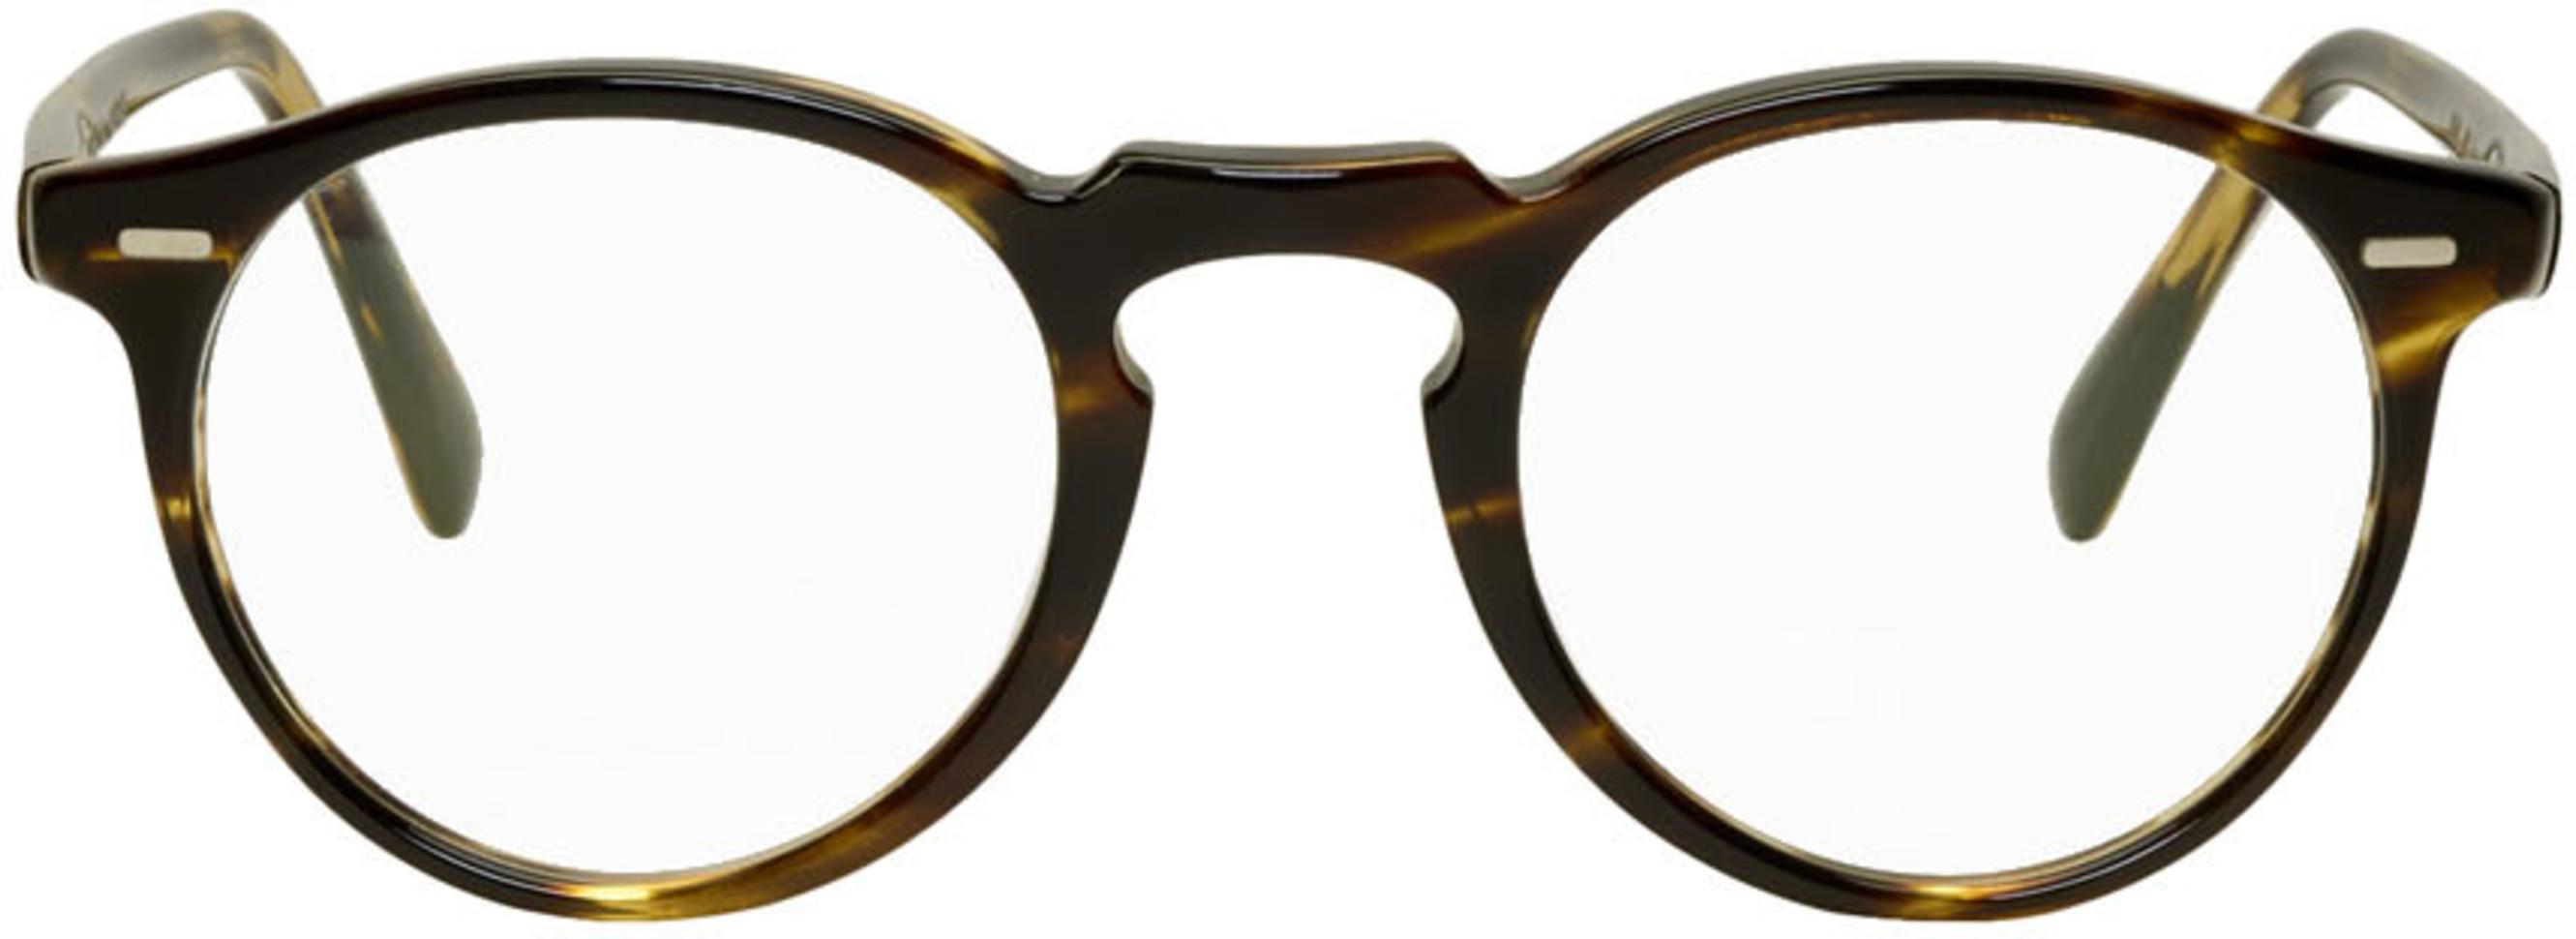 066822df7 Tortoiseshell Gregory Peck Glasses